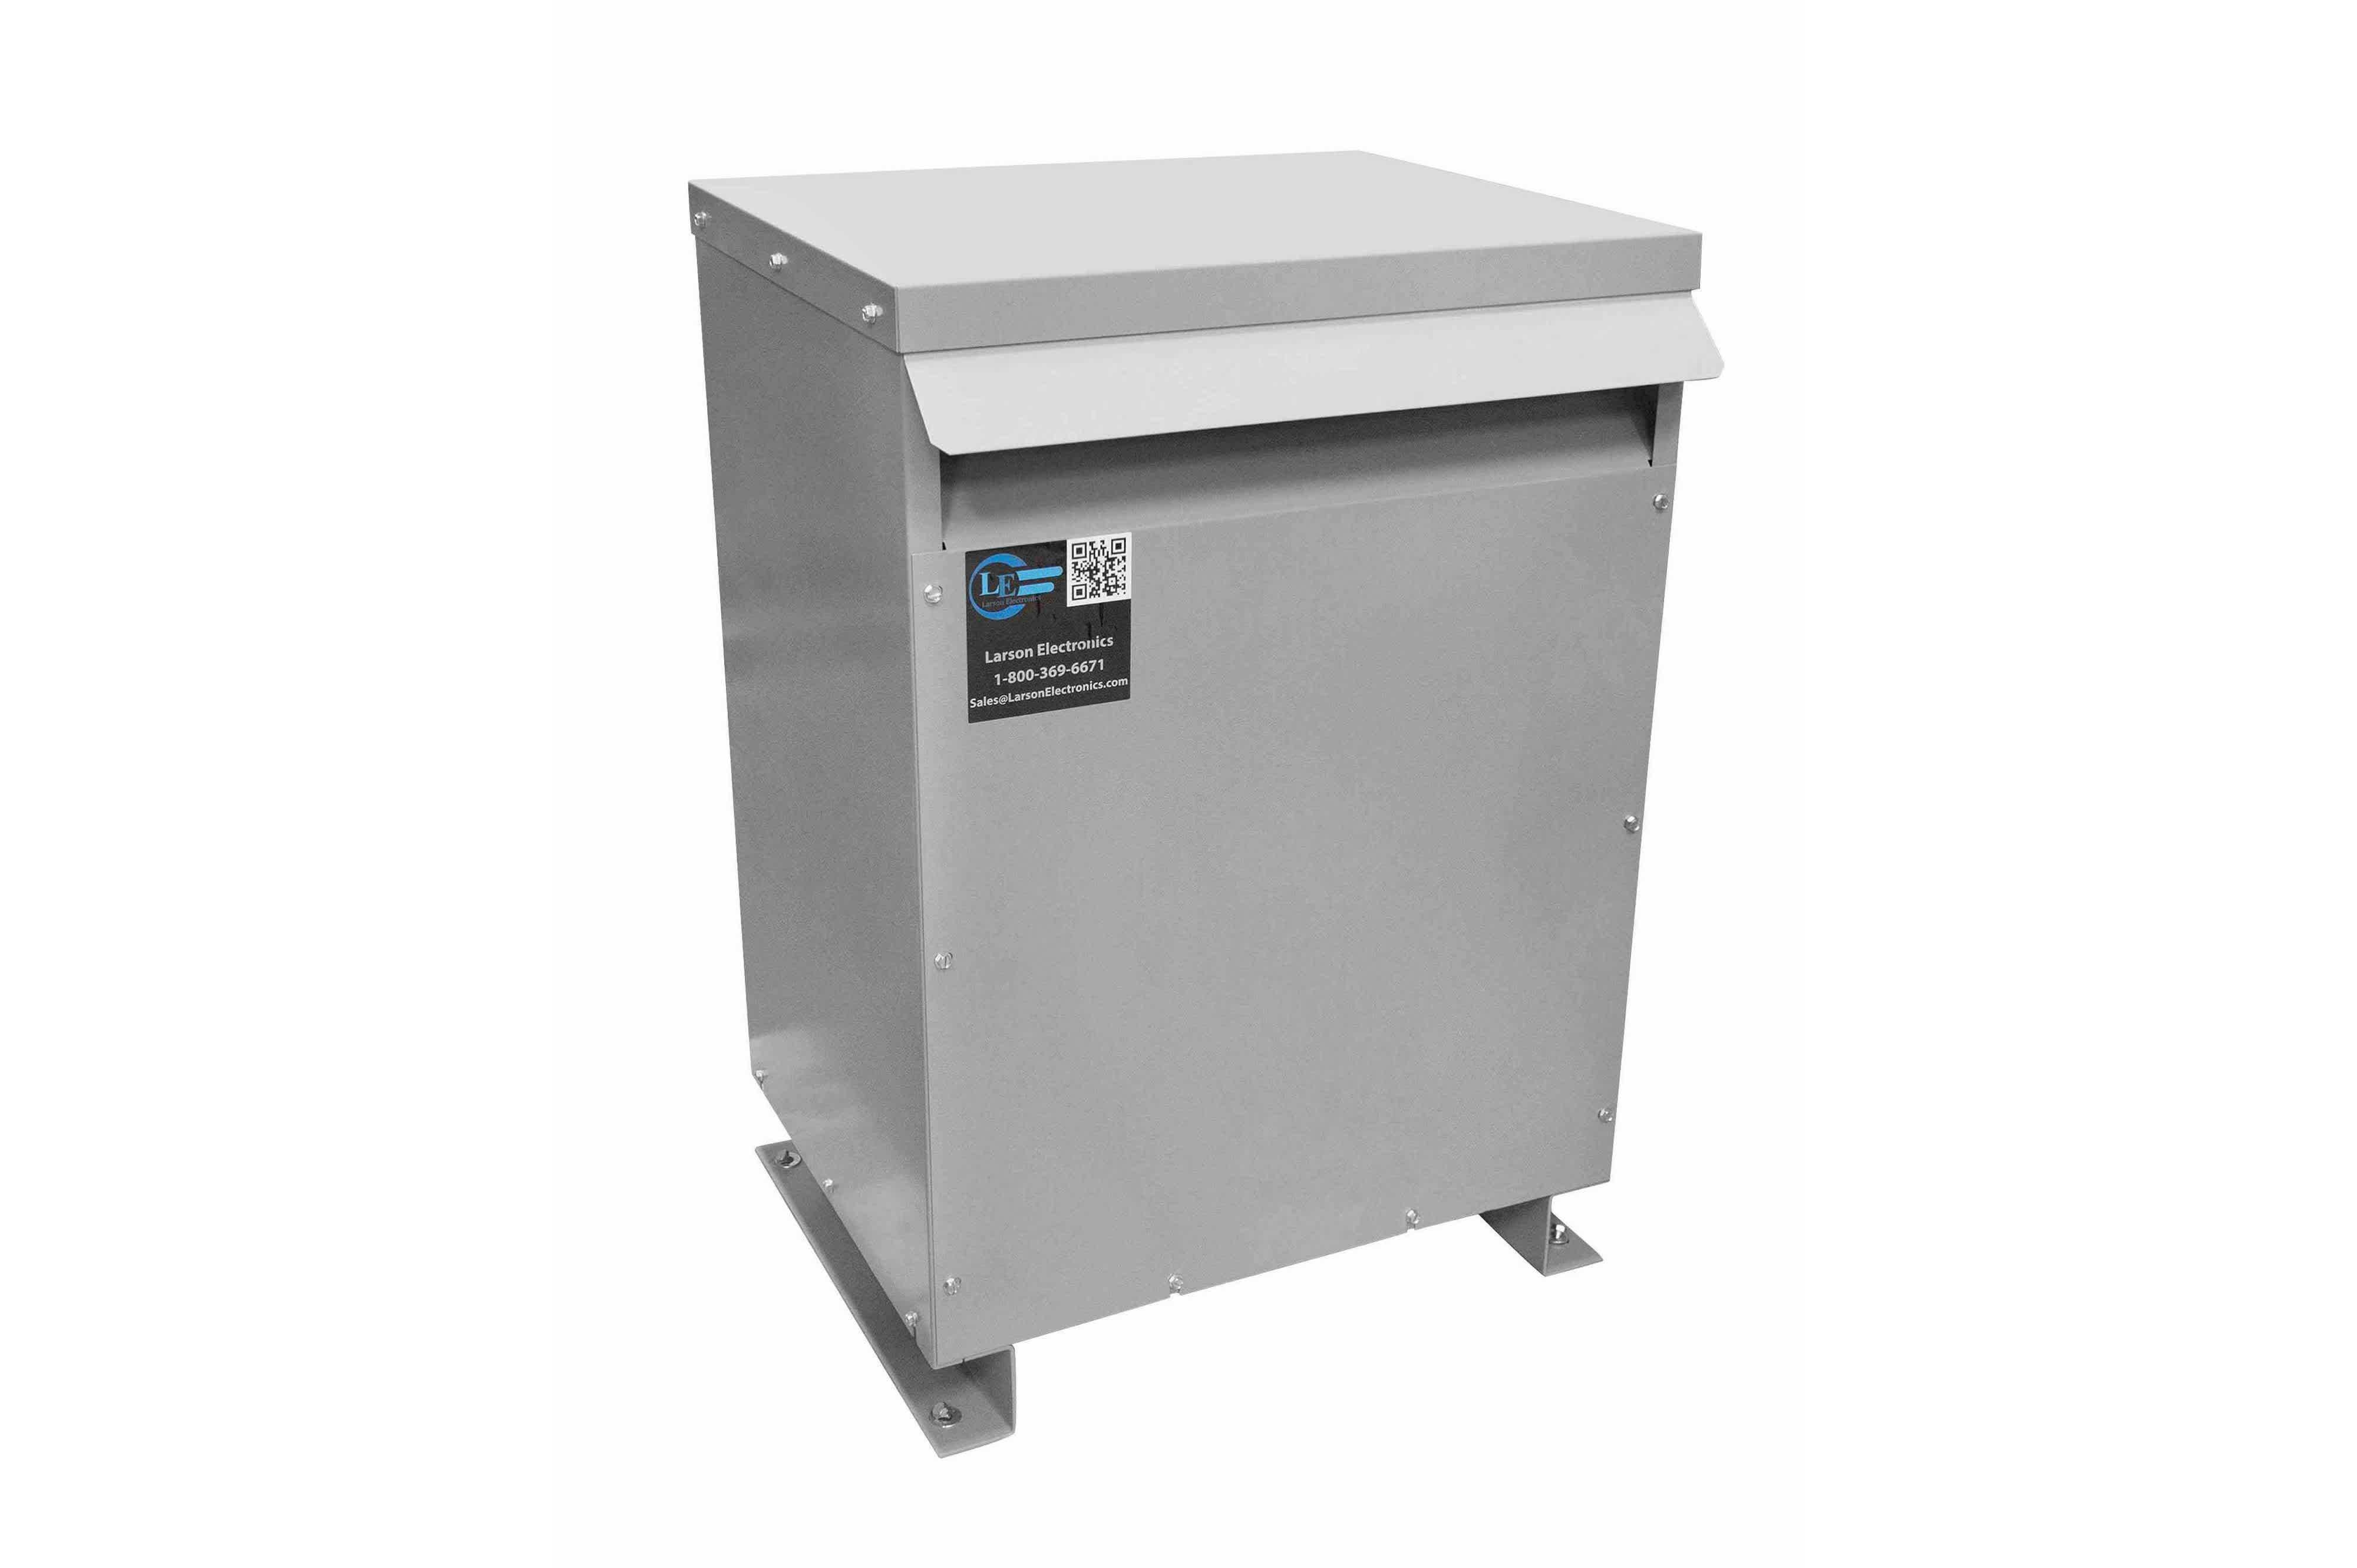 110 kVA 3PH Isolation Transformer, 575V Delta Primary, 480V Delta Secondary, N3R, Ventilated, 60 Hz